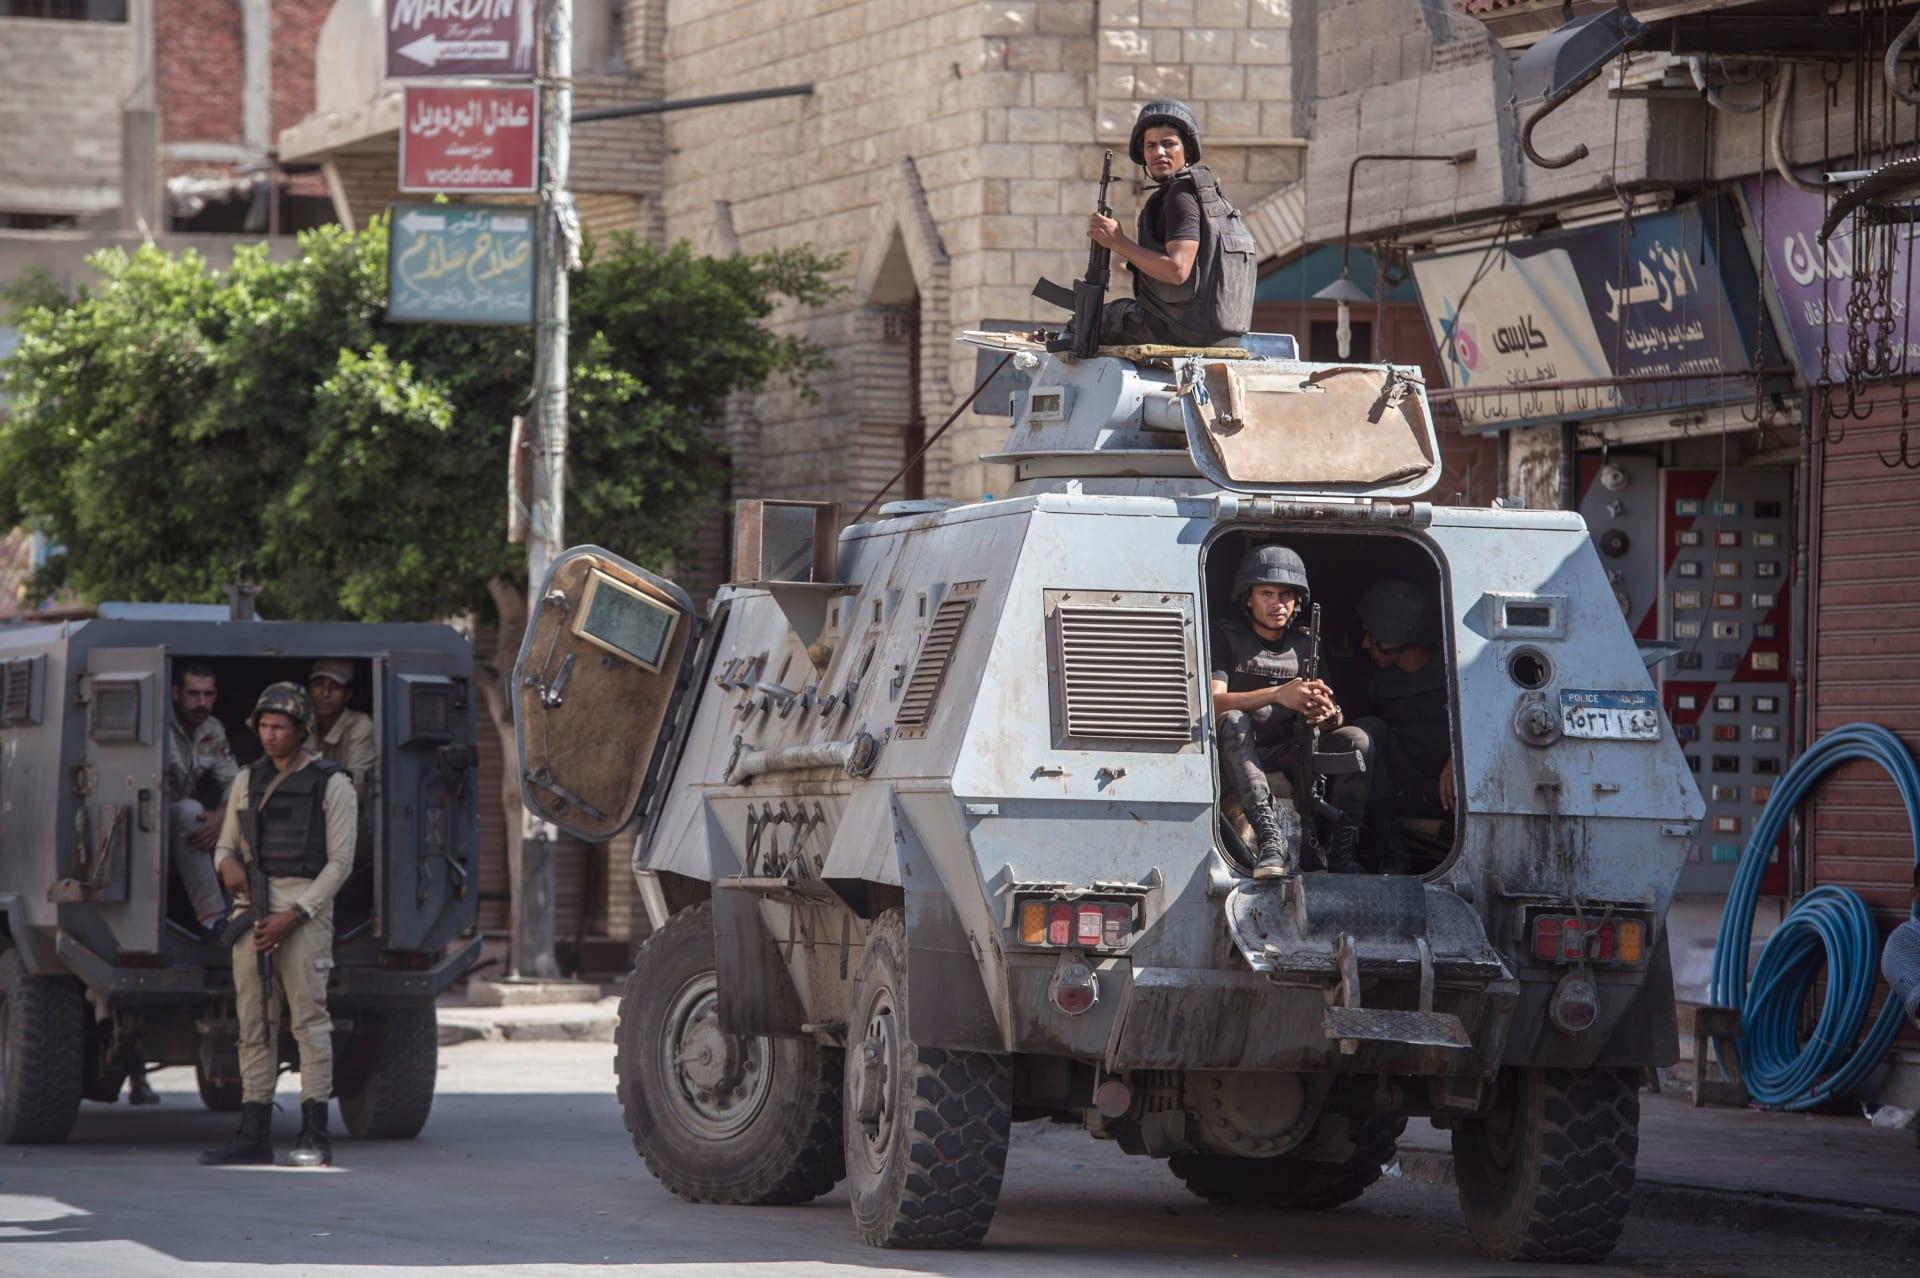 الداخلية المصرية: مقتل 3 إرهابيين متورطين في قتل نبيل حبشي واستهداف الأقباط بسيناء